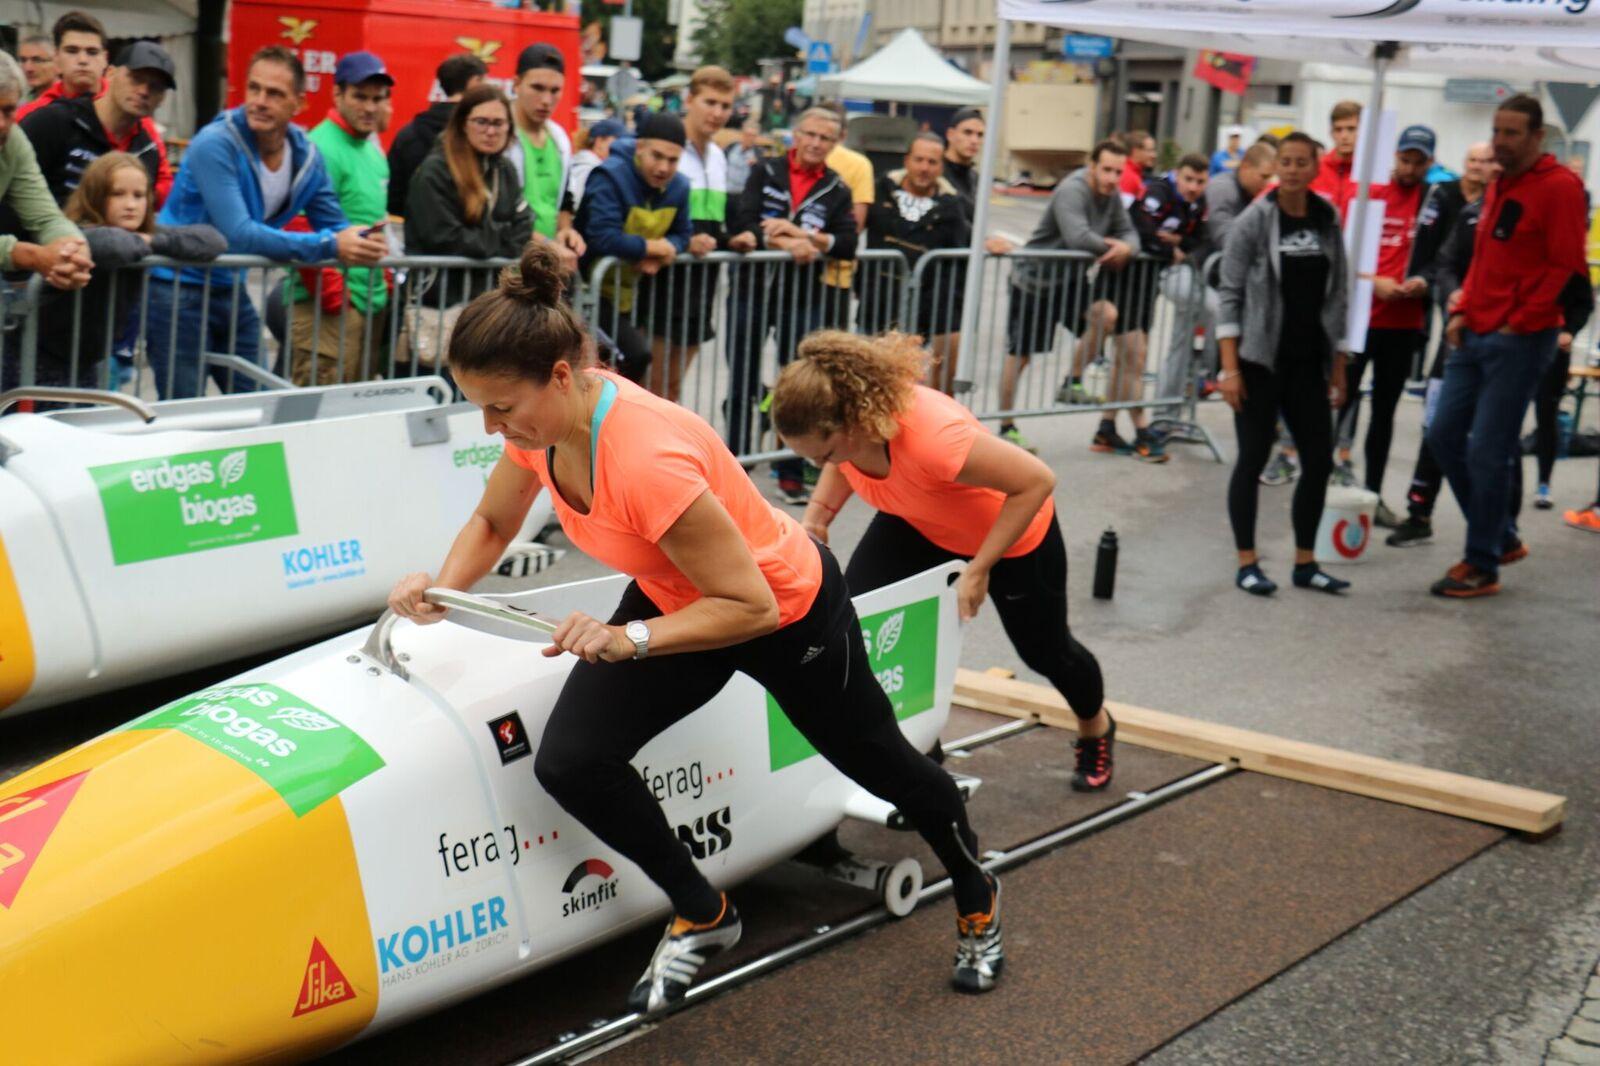 Martina Fontanive und Irina Strebel (hinten) geben auf der 50 Meter langen Bahn Vollgas.